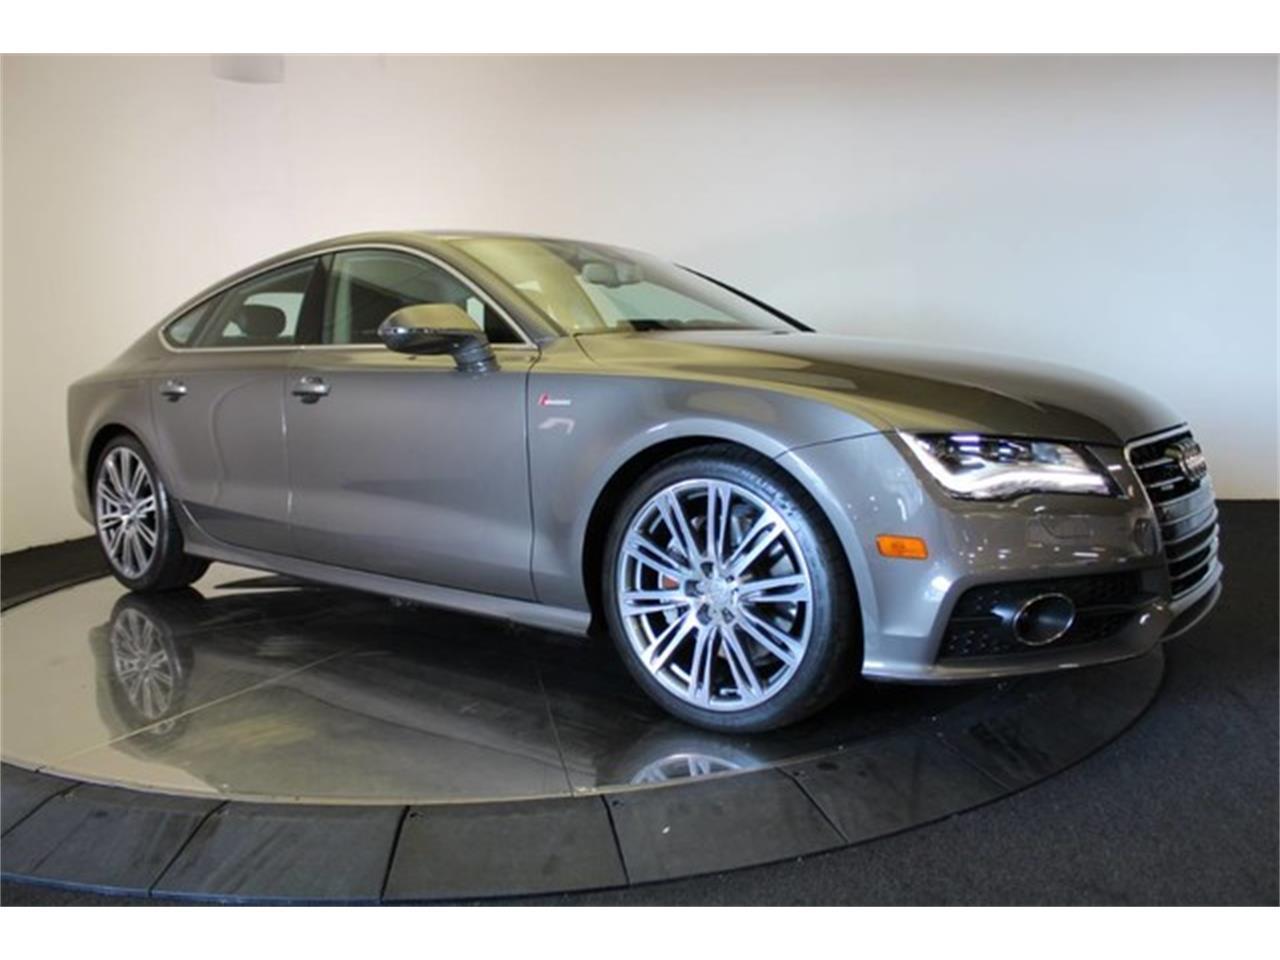 2012 Audi A6 (CC-1254398) for sale in Anaheim, California